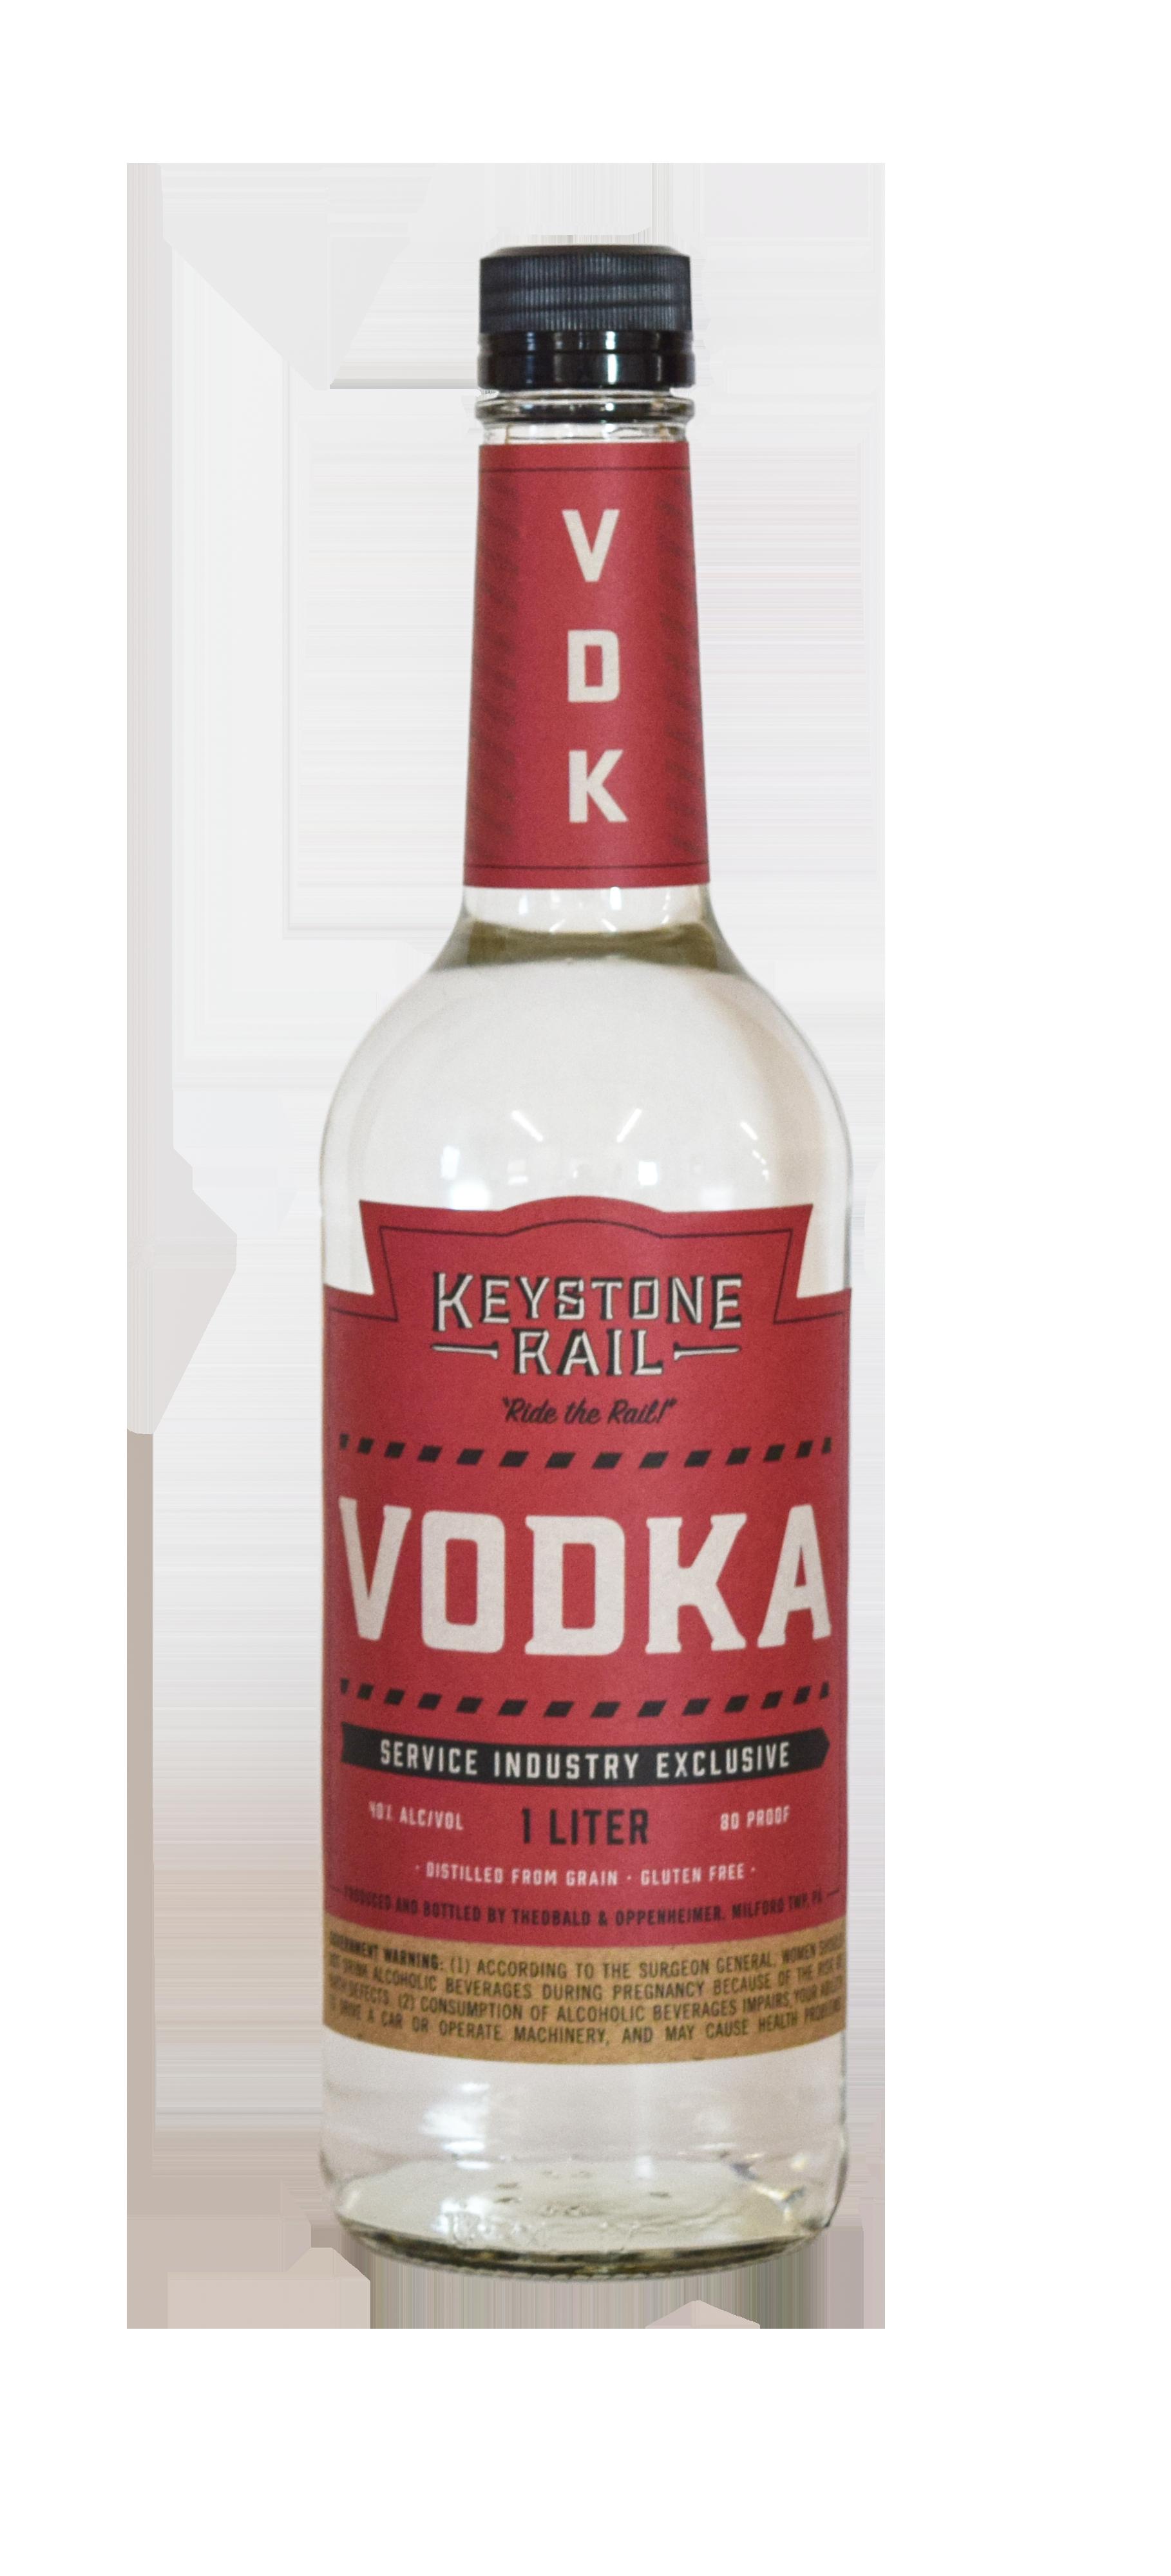 Keystone Rail Vodka